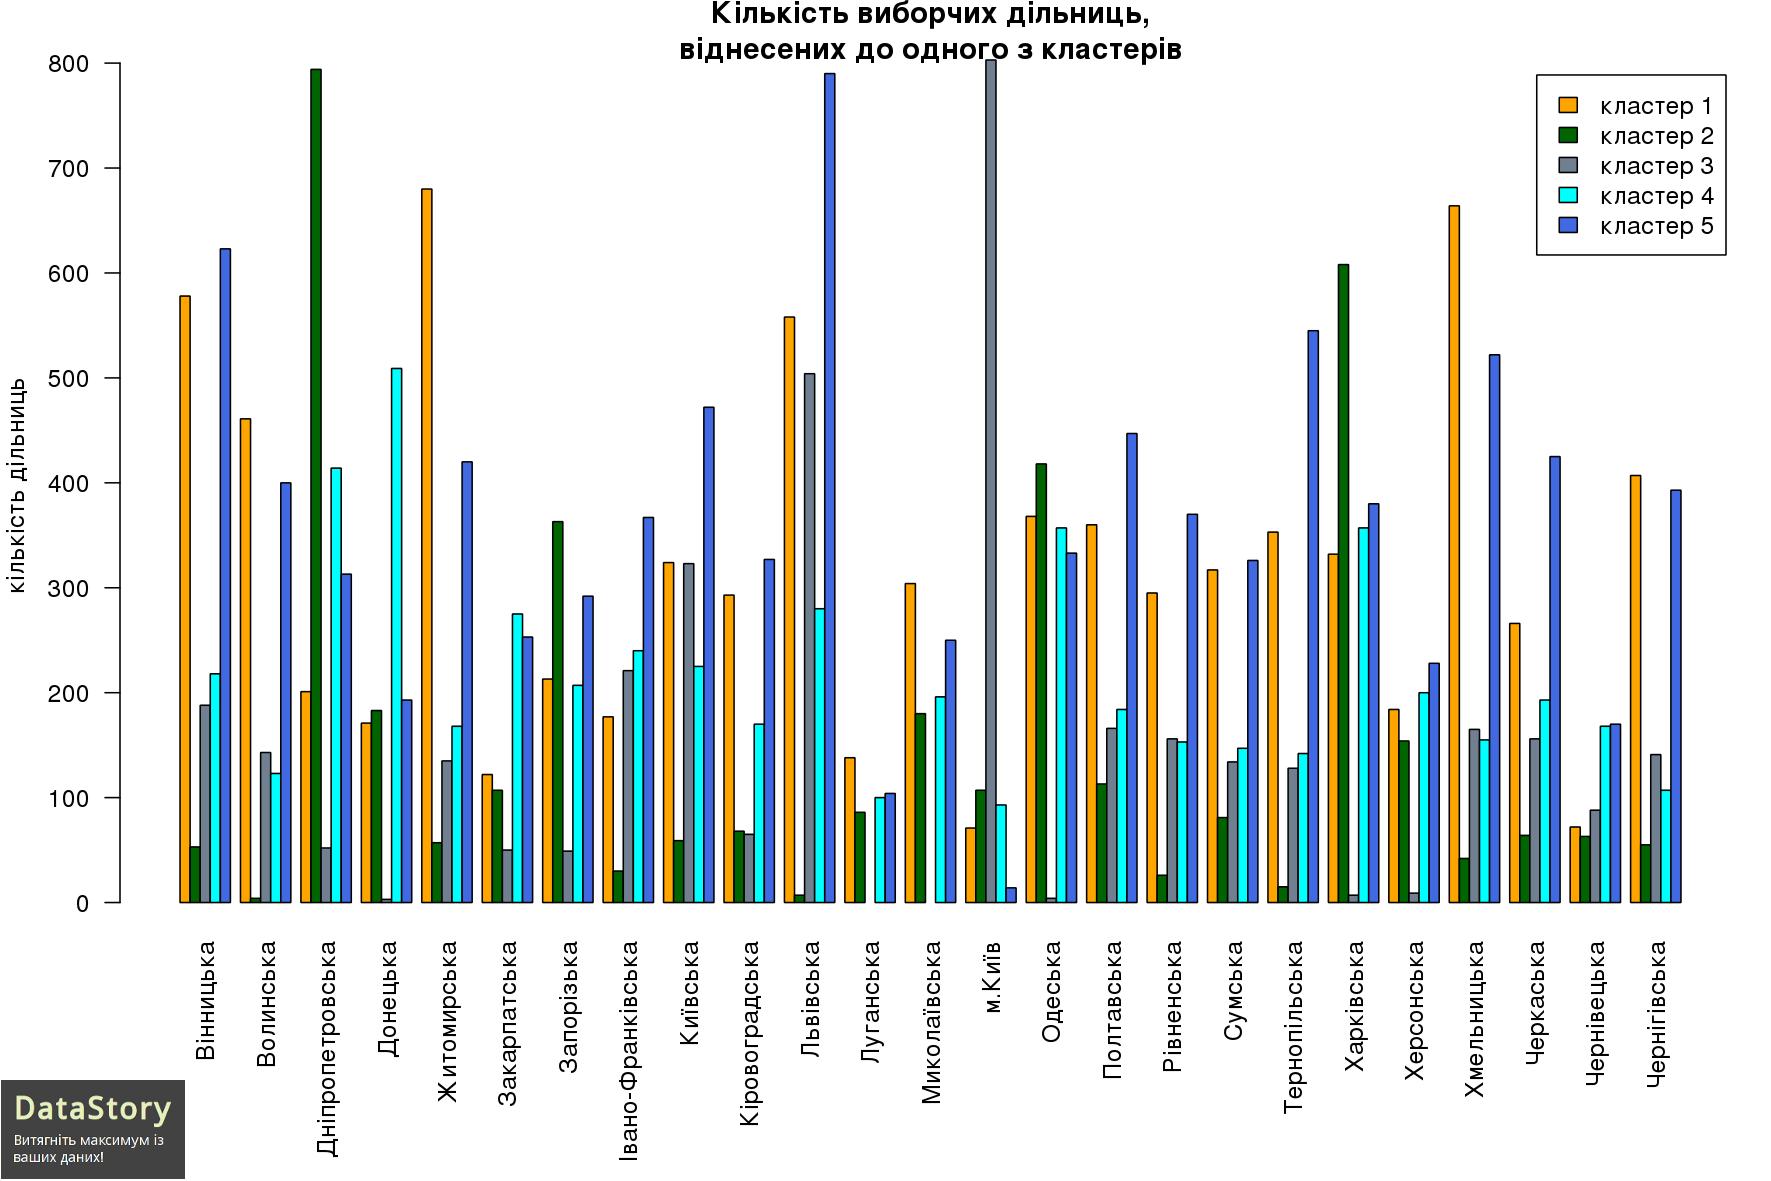 Кількість виборчих дільниць, віднесених до одного з кластерів